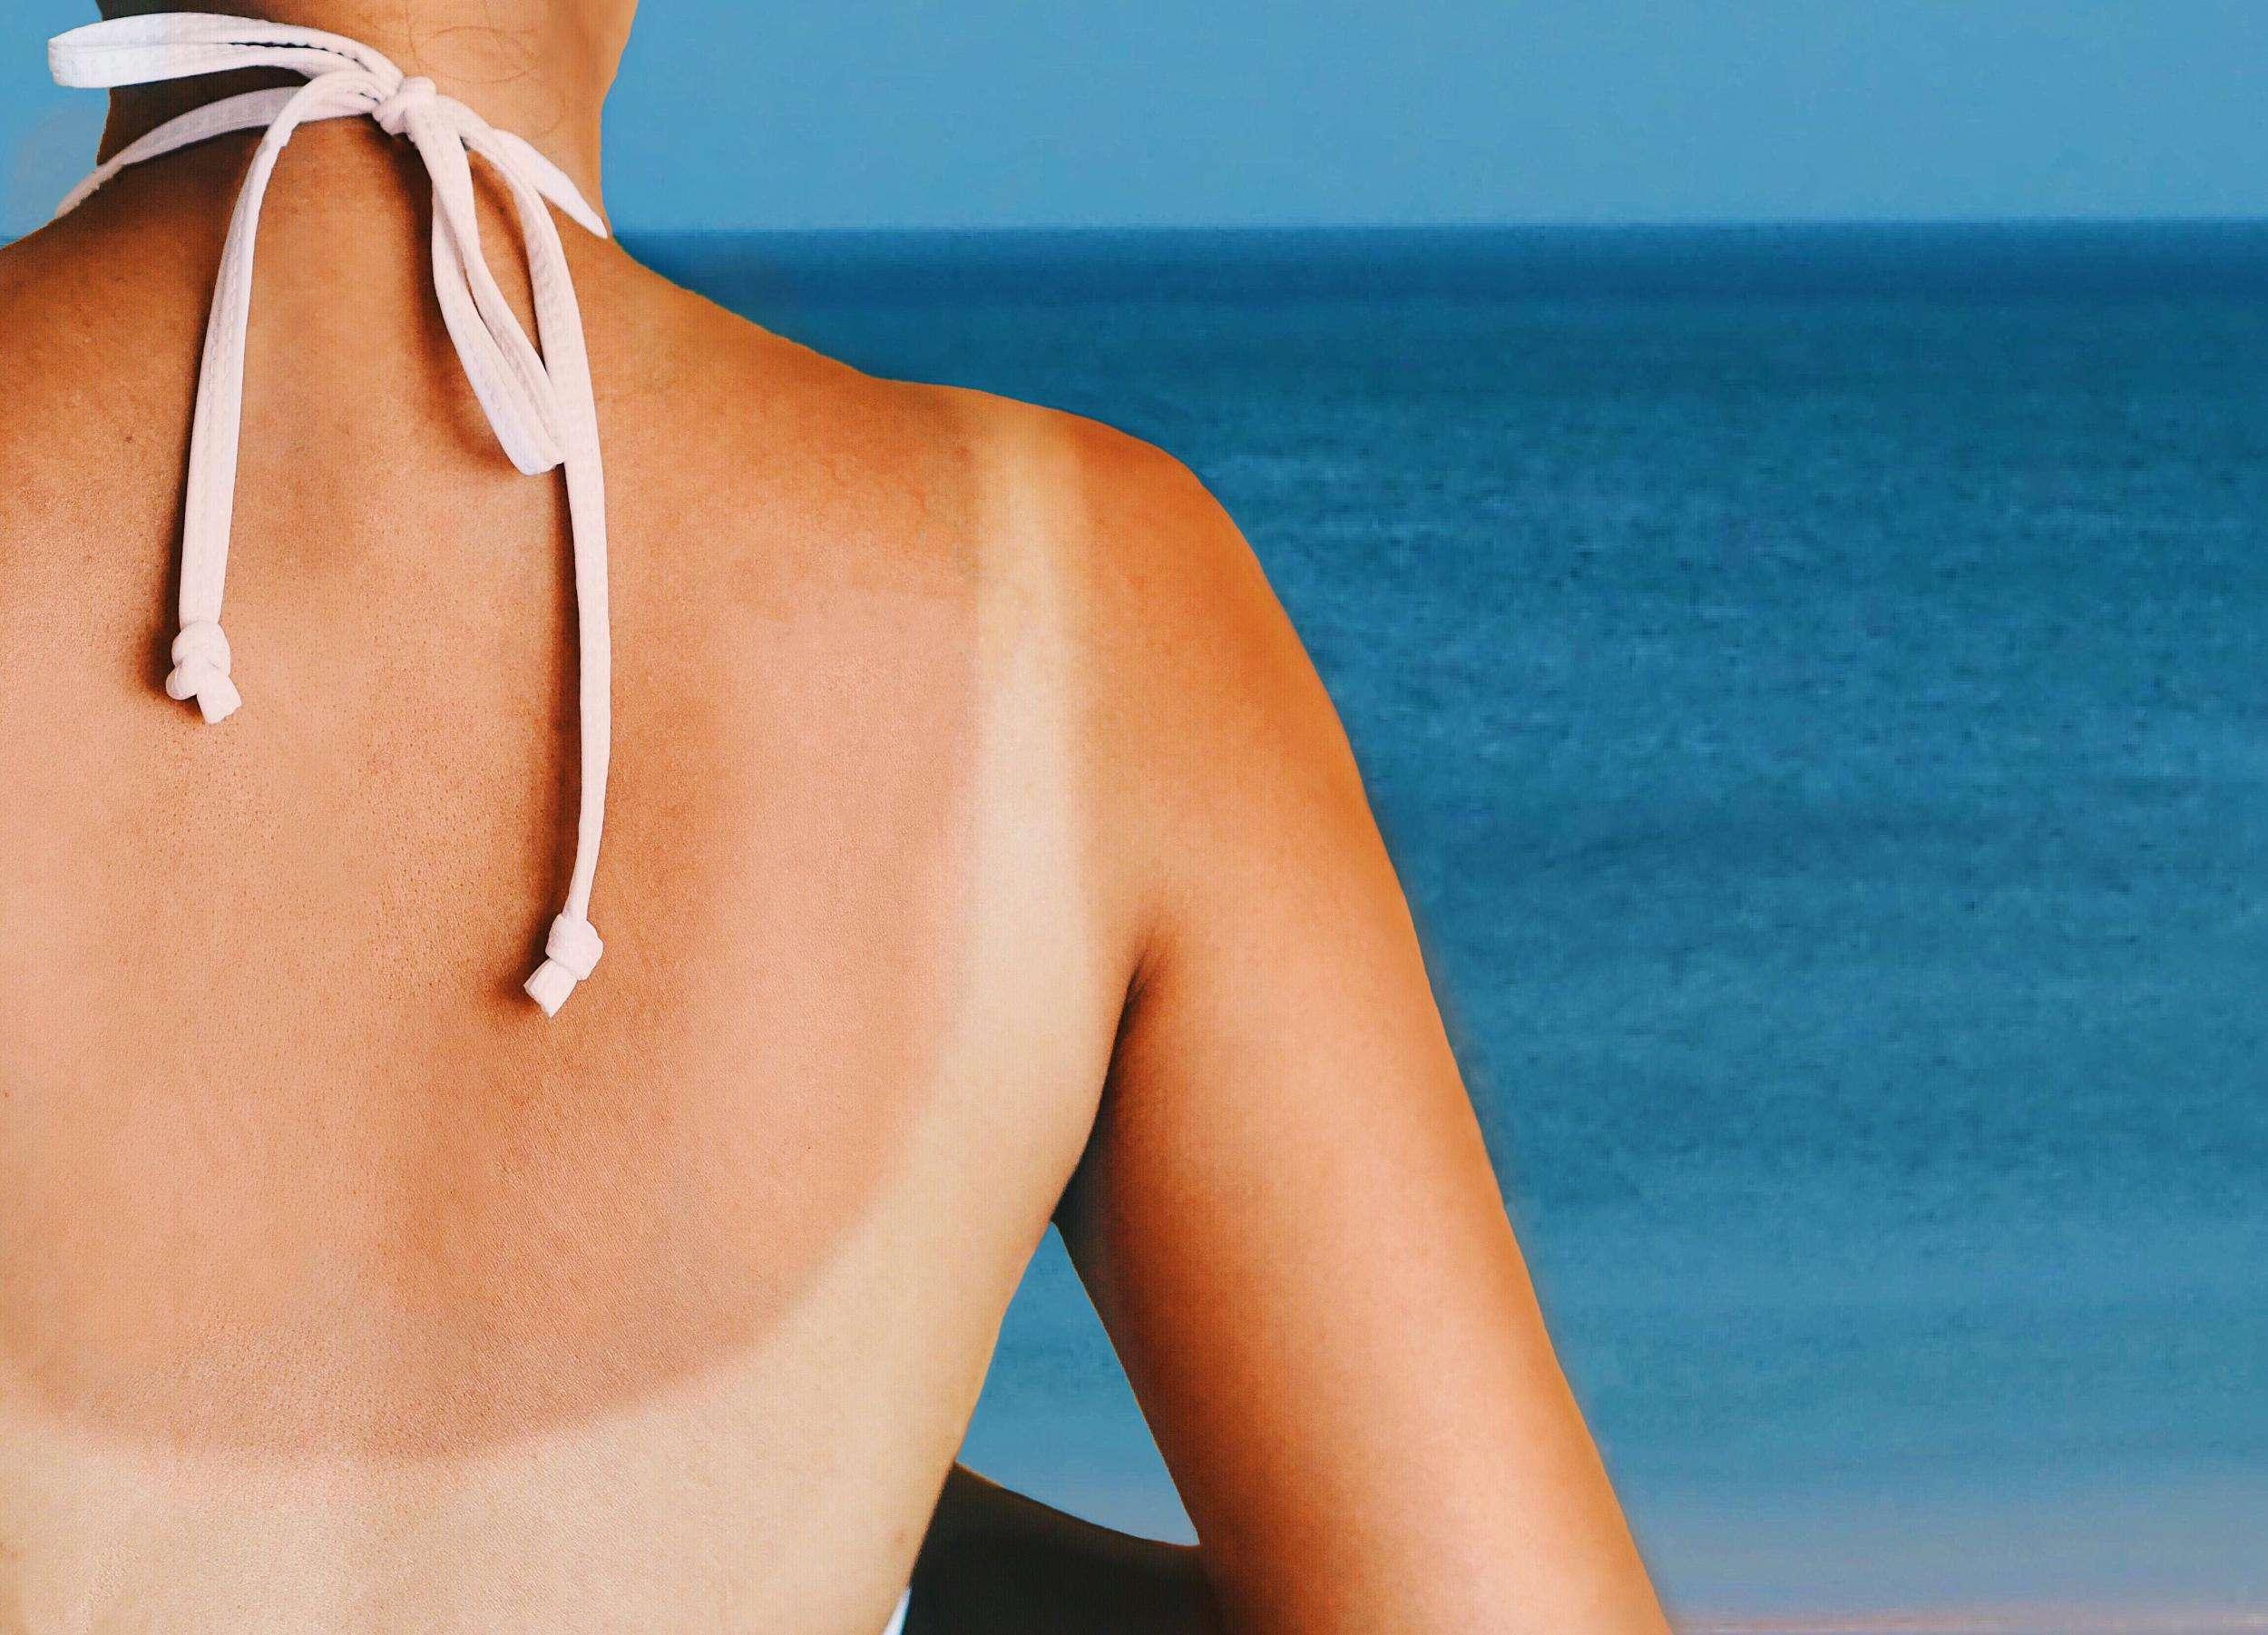 sunburn_home_remedy_1.jpg